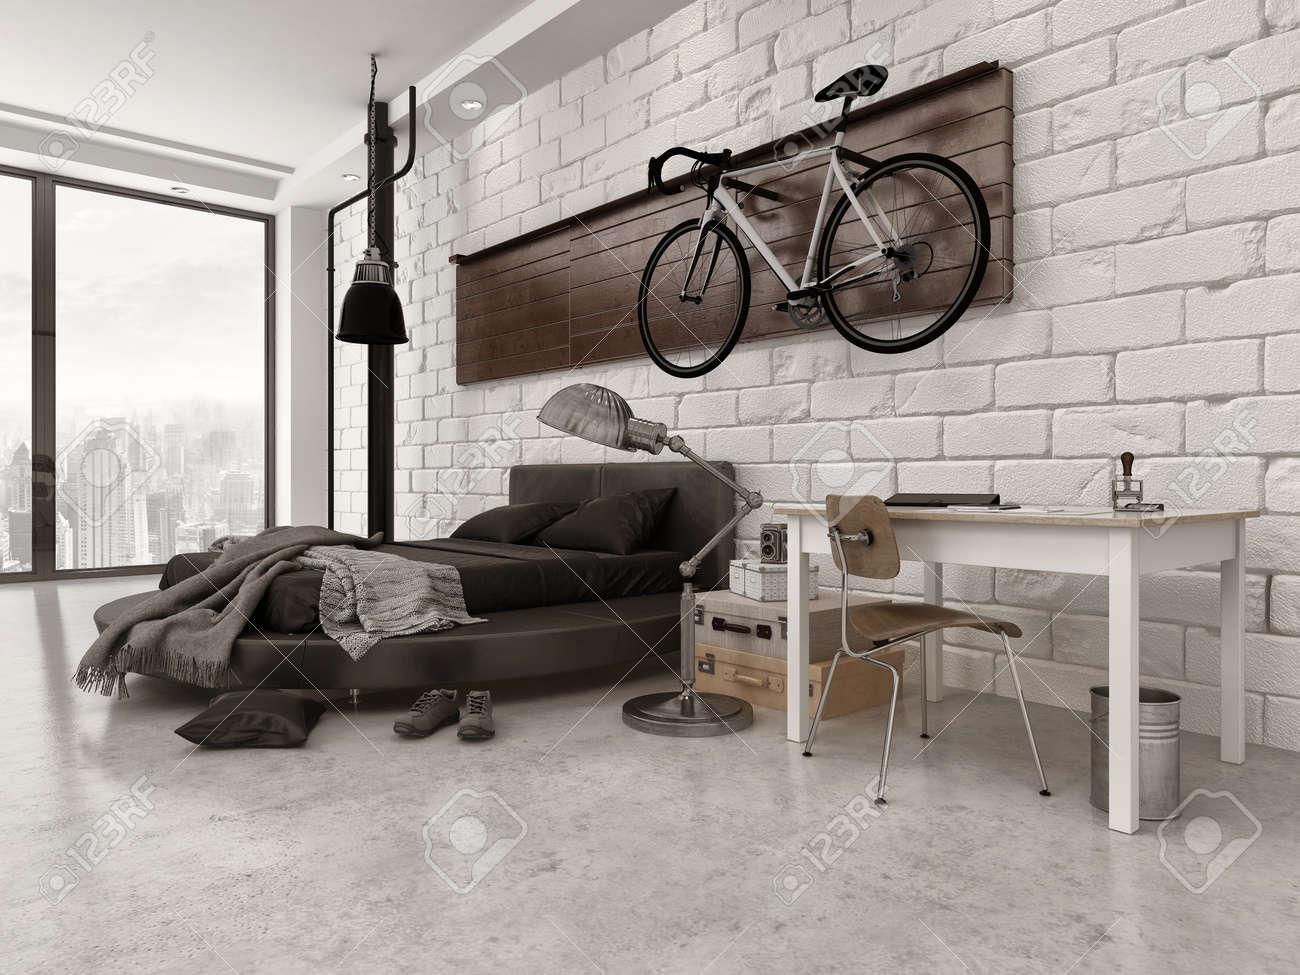 Moderne Slaapkamer Loft Stijl In Een Appartement Met Bakstenen ...